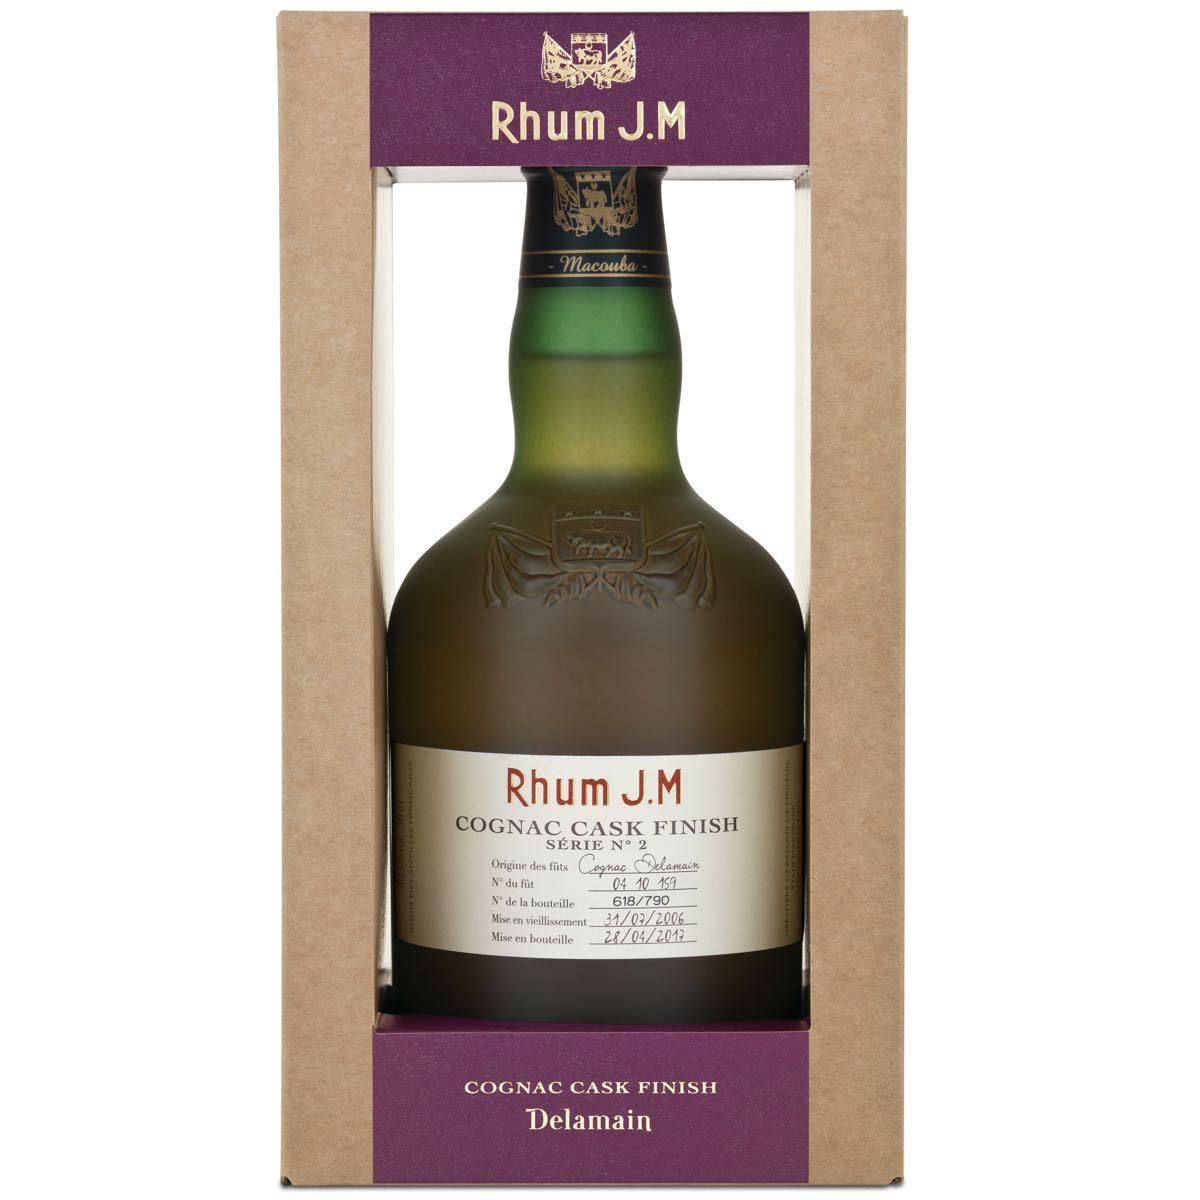 Bottle image of Série N°2 Cognac Cask Finish